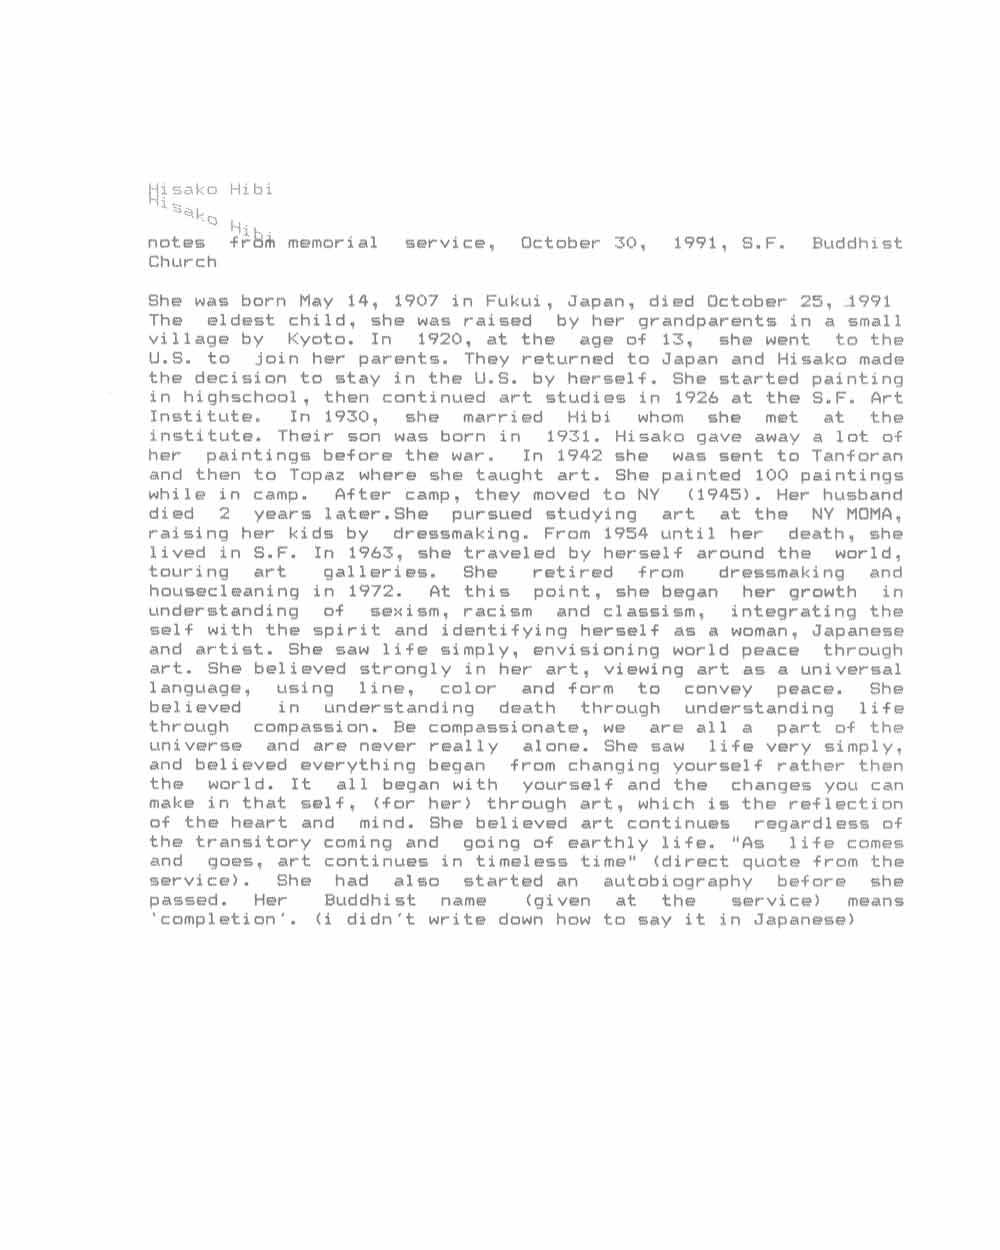 Norine Nishimura's notes for Hisako Hibi